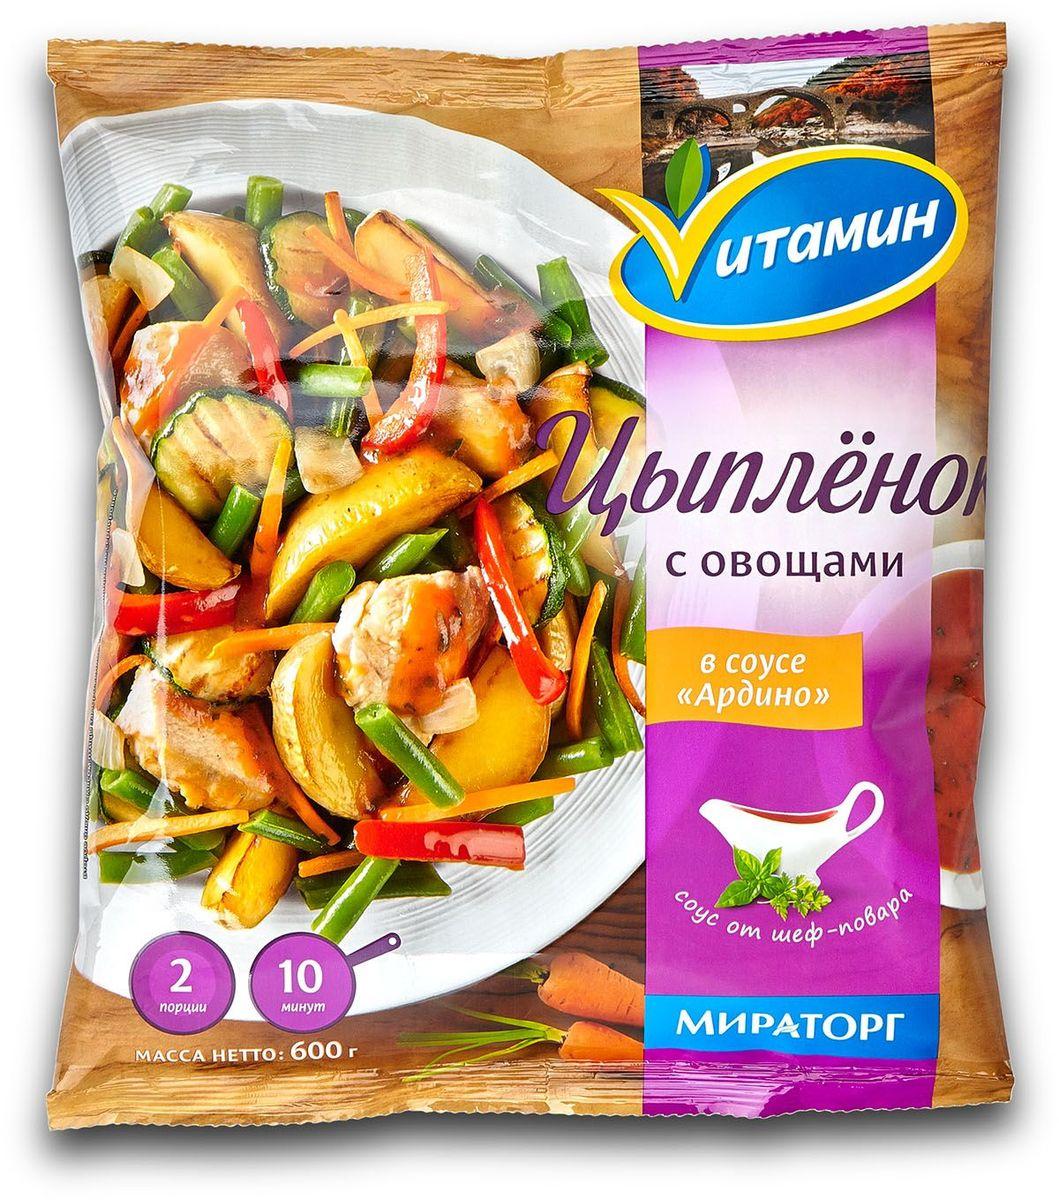 """Цыпленок с овощами в соусе """"Ардино"""" Vитамин, 600 г, Мираторг"""